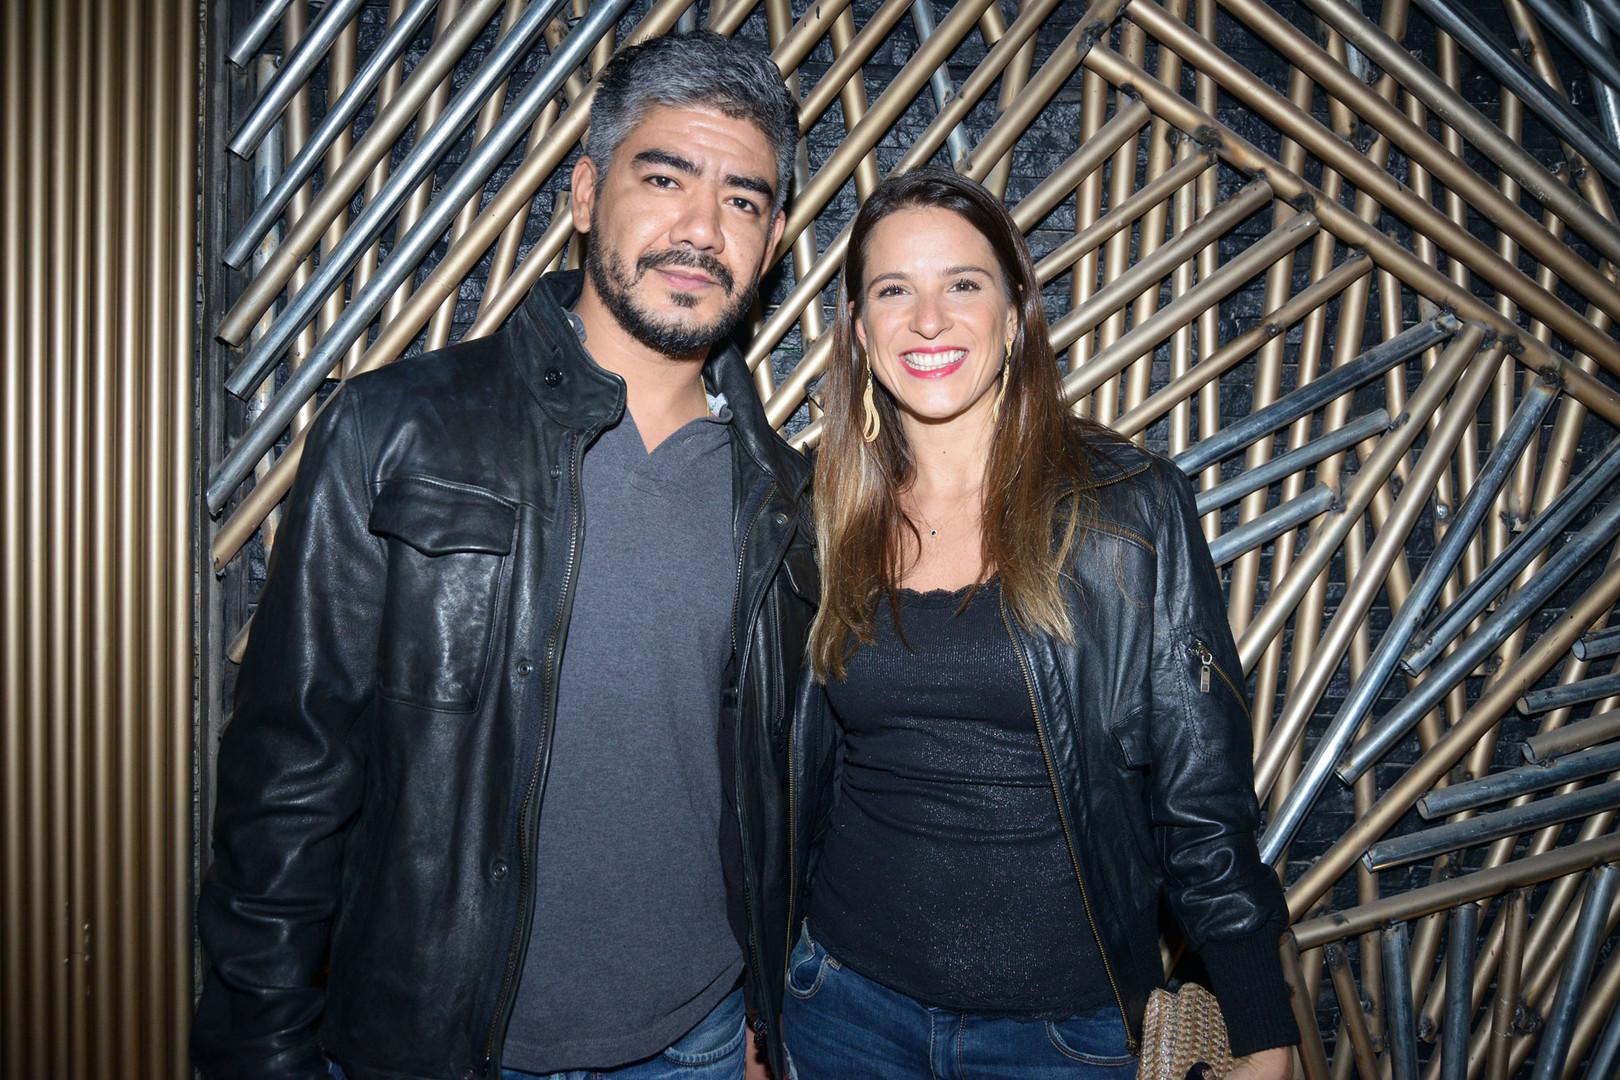 Mateus-Henrique-e-Sylvia-Sampaio-(4).jpg